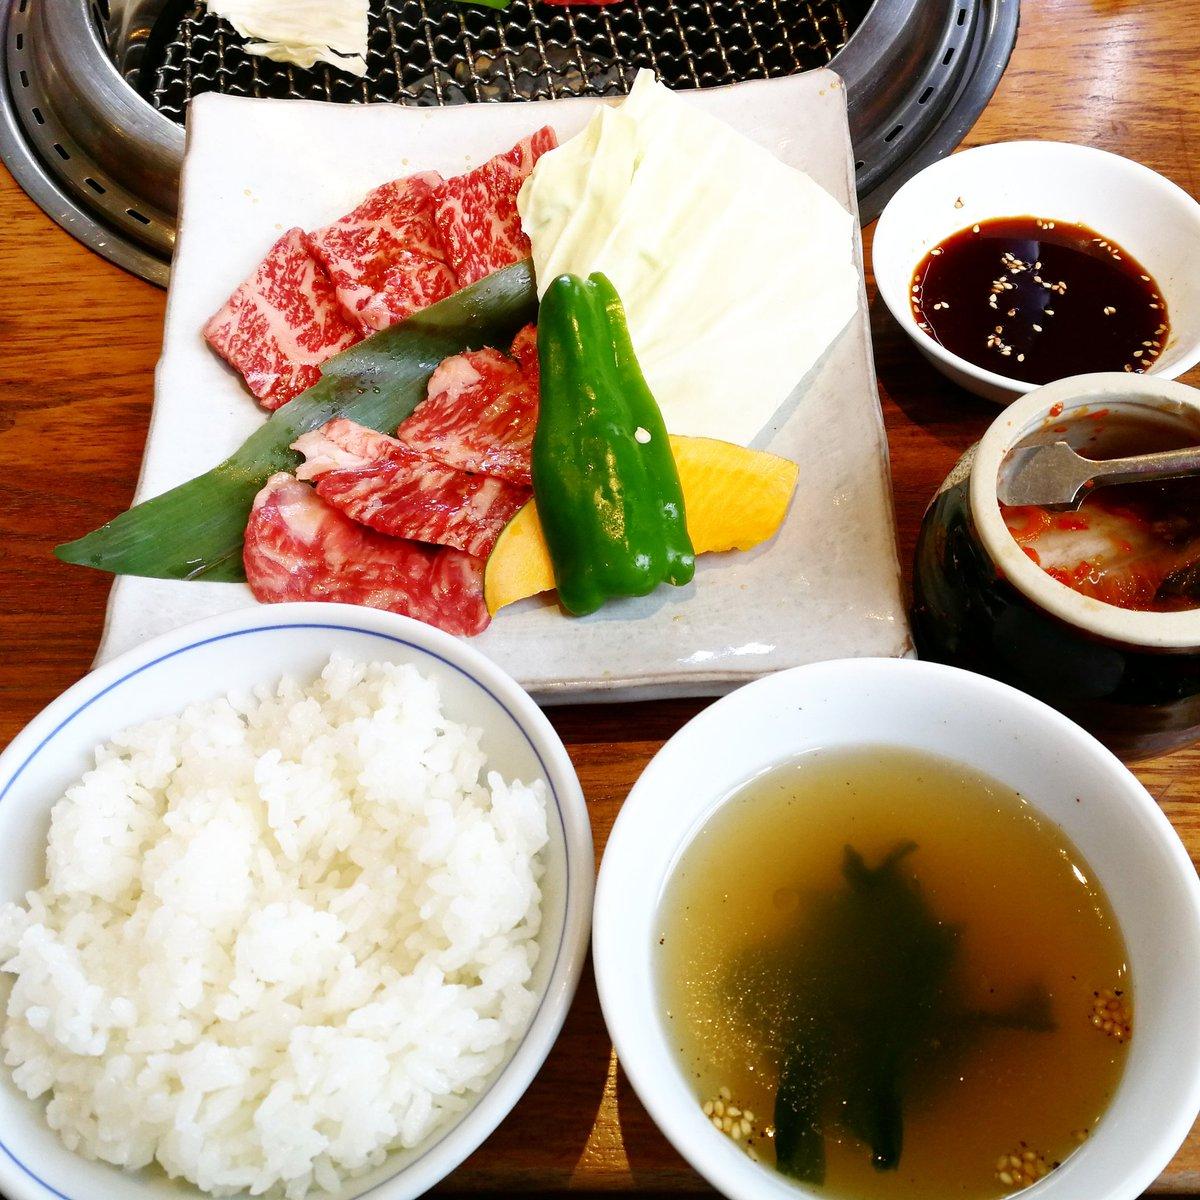 久しぶりに焼き肉食べてきた~🎶 美味しかった✨  #焼き肉 #ランチ #yakiniku #barbecue #japanesebarbecue #lunch #yummy #happy https://t.co/iHKjsqeA3K